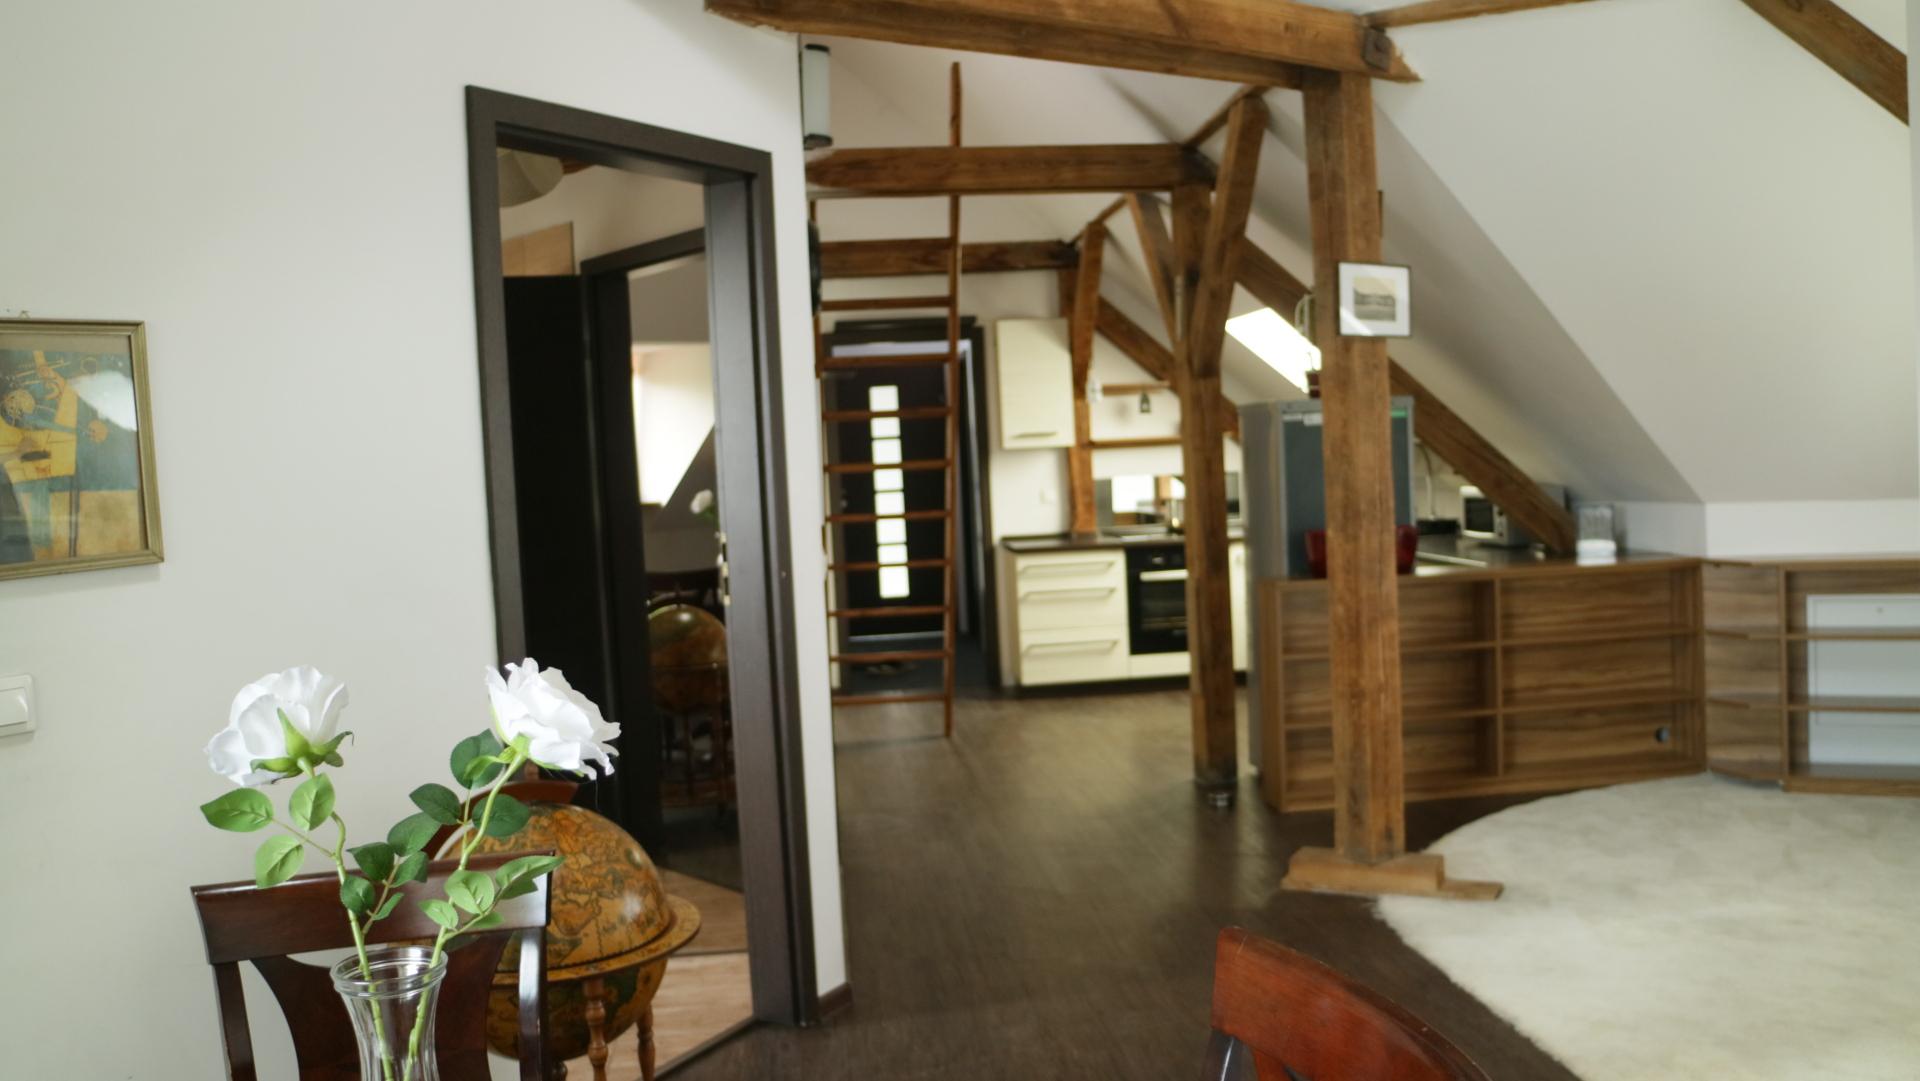 Lokal mieszkalny z podziałem na 2 ładne mieszkania